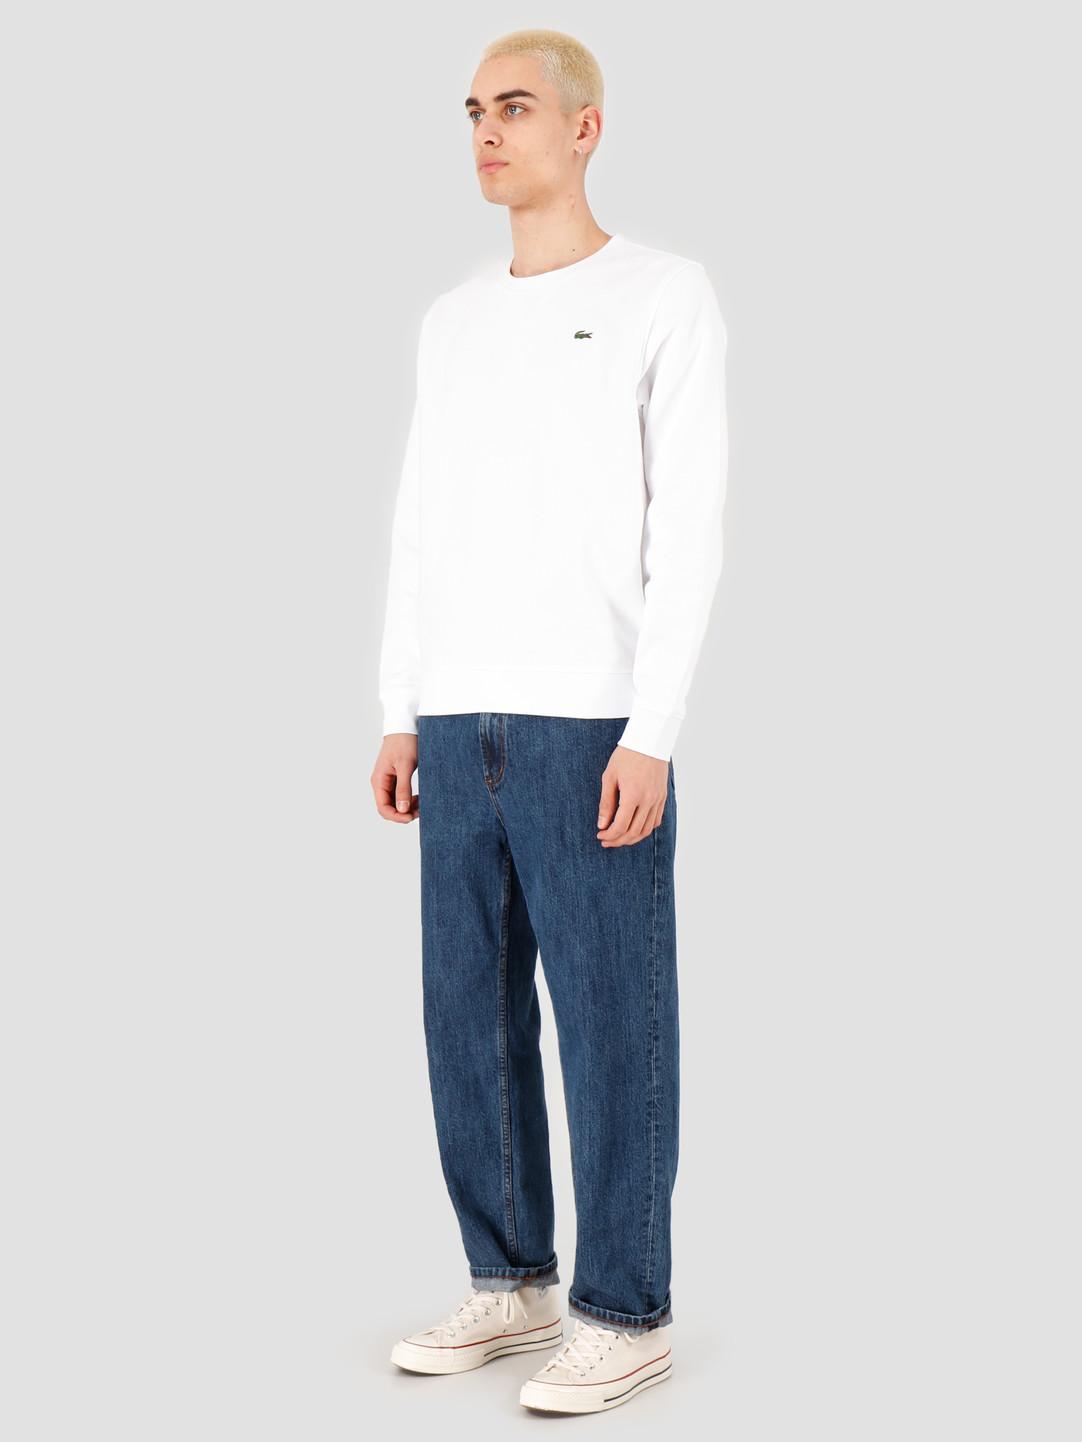 Lacoste Lacoste 1HS1 Men's sweatshirt 01 White SH7613-01